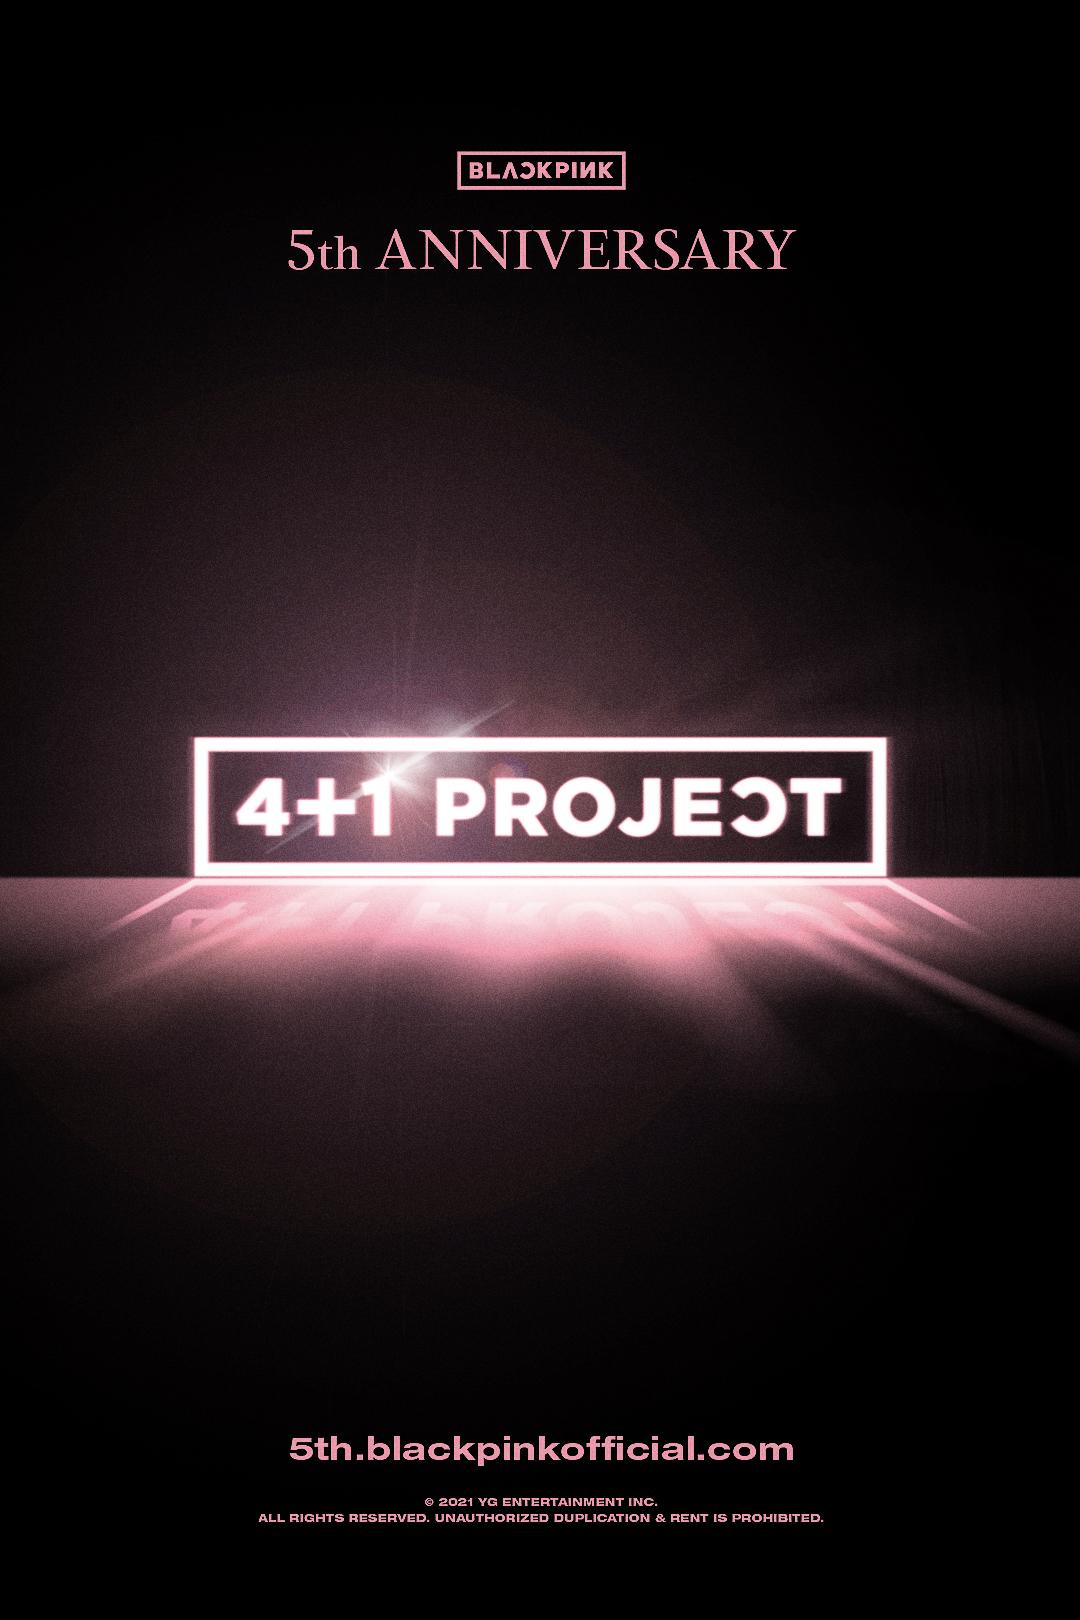 SE REVELAN LOS 5 PROYECTOS DEL 4+1 PROJECT